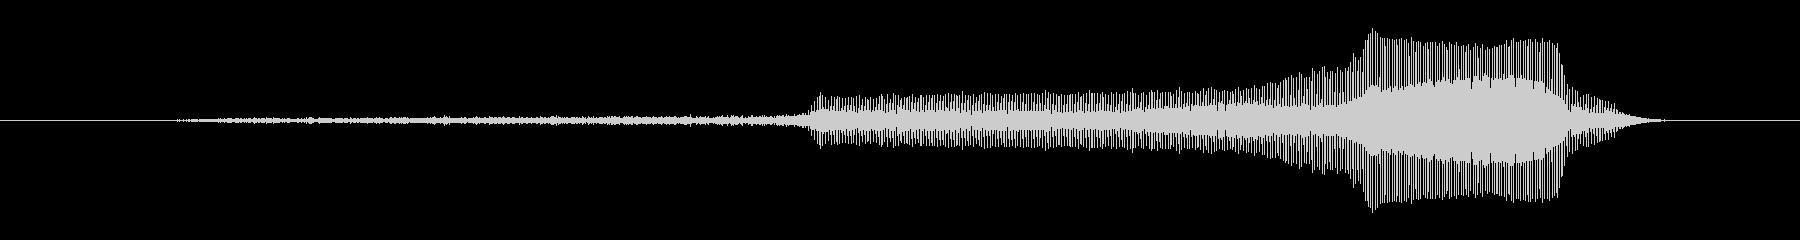 ホーン フートライズ02の未再生の波形